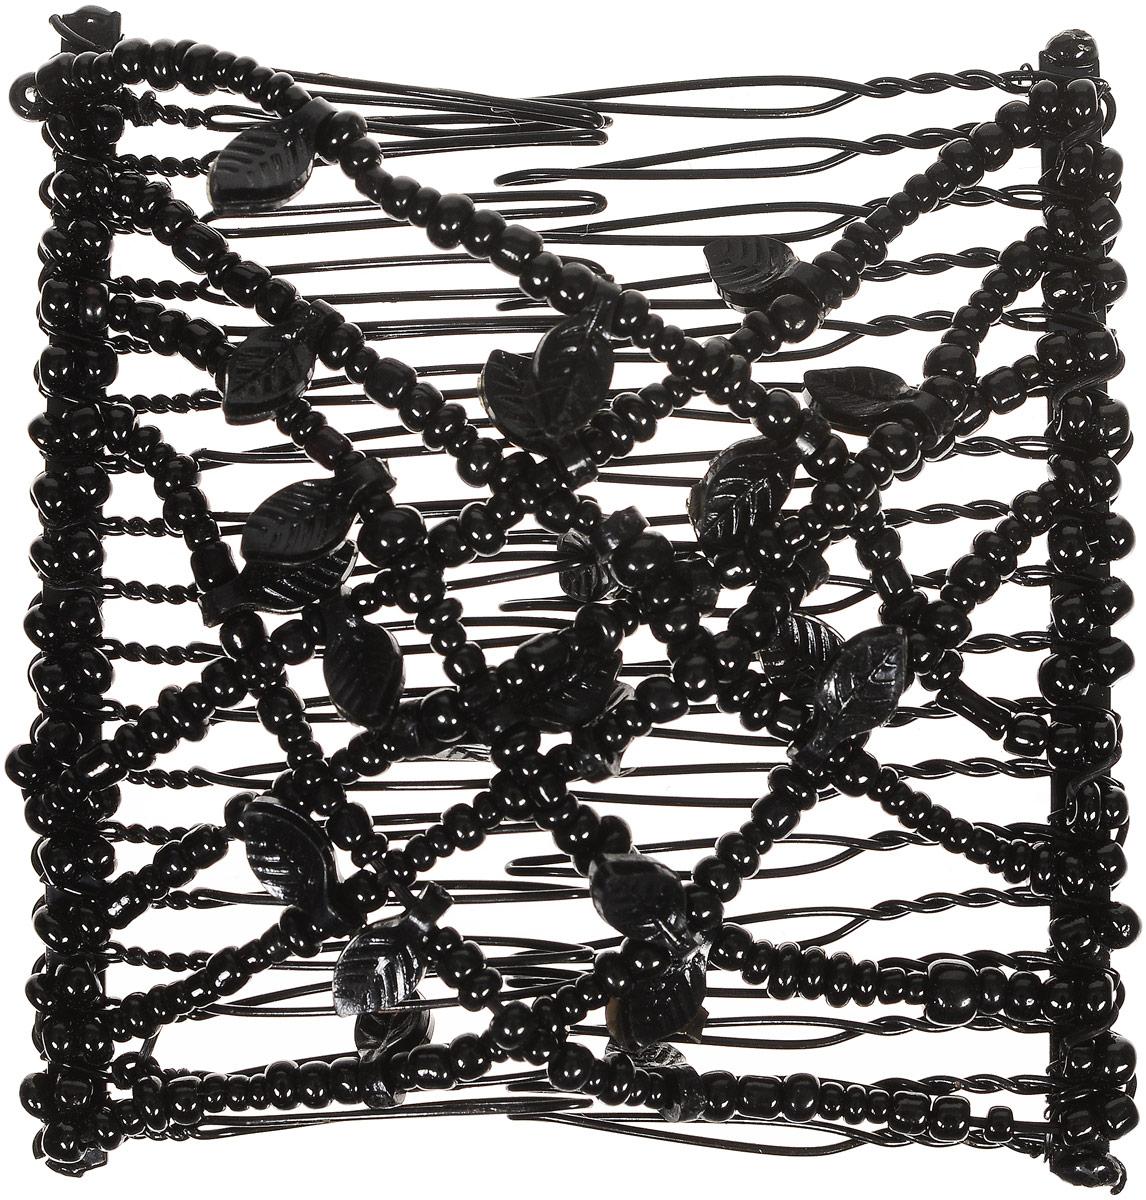 EZ-Combs Заколка Изи-Комбс, одинарная, цвет: черный. ЗИО_лист ez combs заколка изи комбс одинарная цвет коричневый зио сердечки